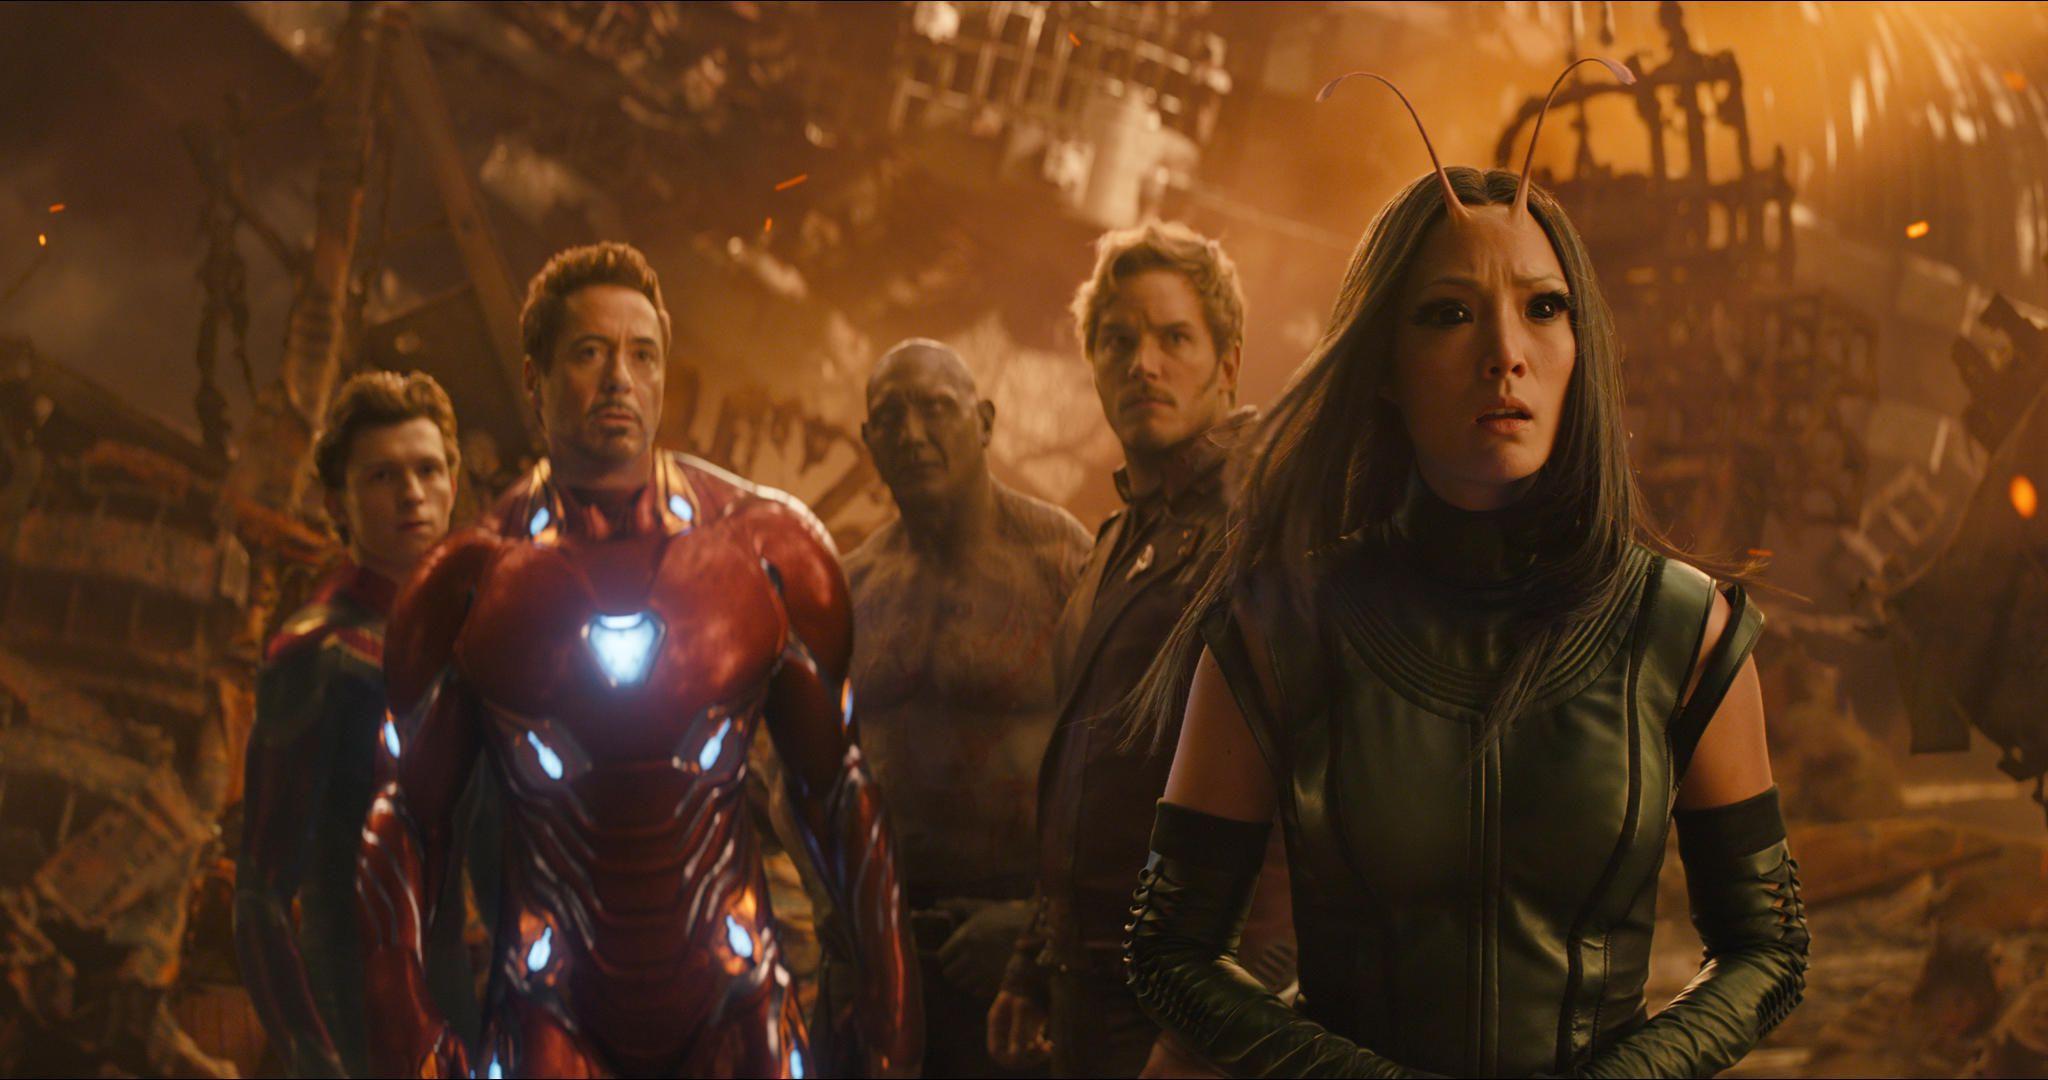 Tranquilo No Te Vamos A Dar Spoilers De Vengadores Infinity War Pero Esto Es Lo Que Nos Ha Parecido Marvel Cinematic Marvel Cinematic Universe Avengers Infinity War